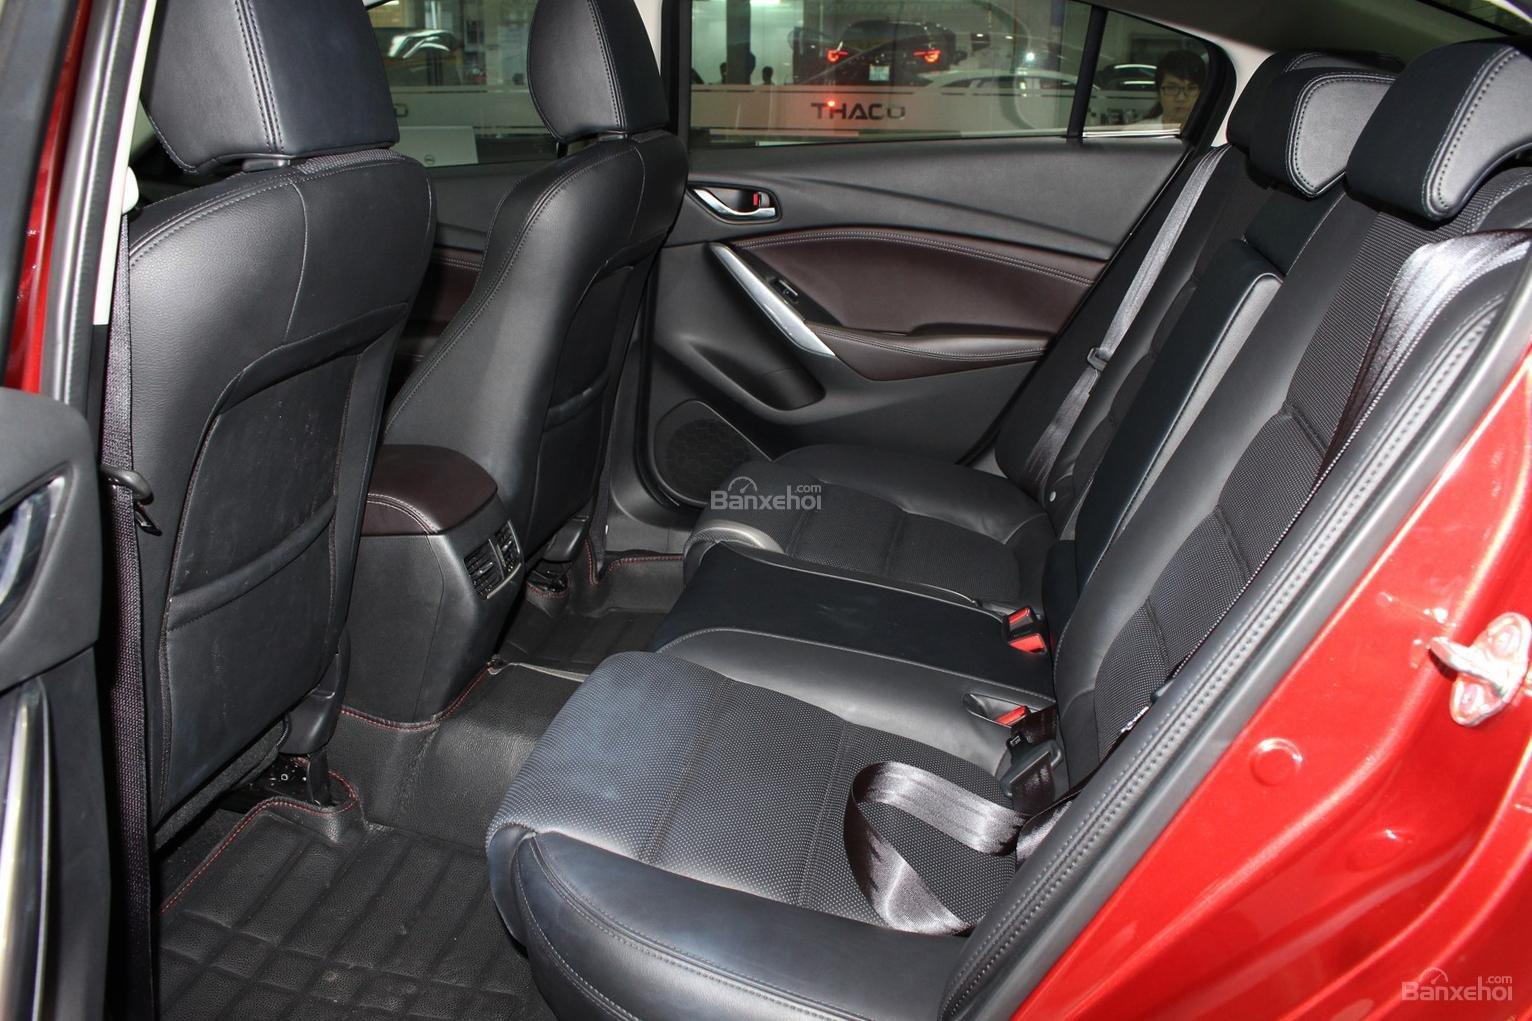 Bán Mazda 6 2.0 AT Premium 2019, xe có sẵn giảm giá cực sốc [Mazda Bình Triệu] (8)